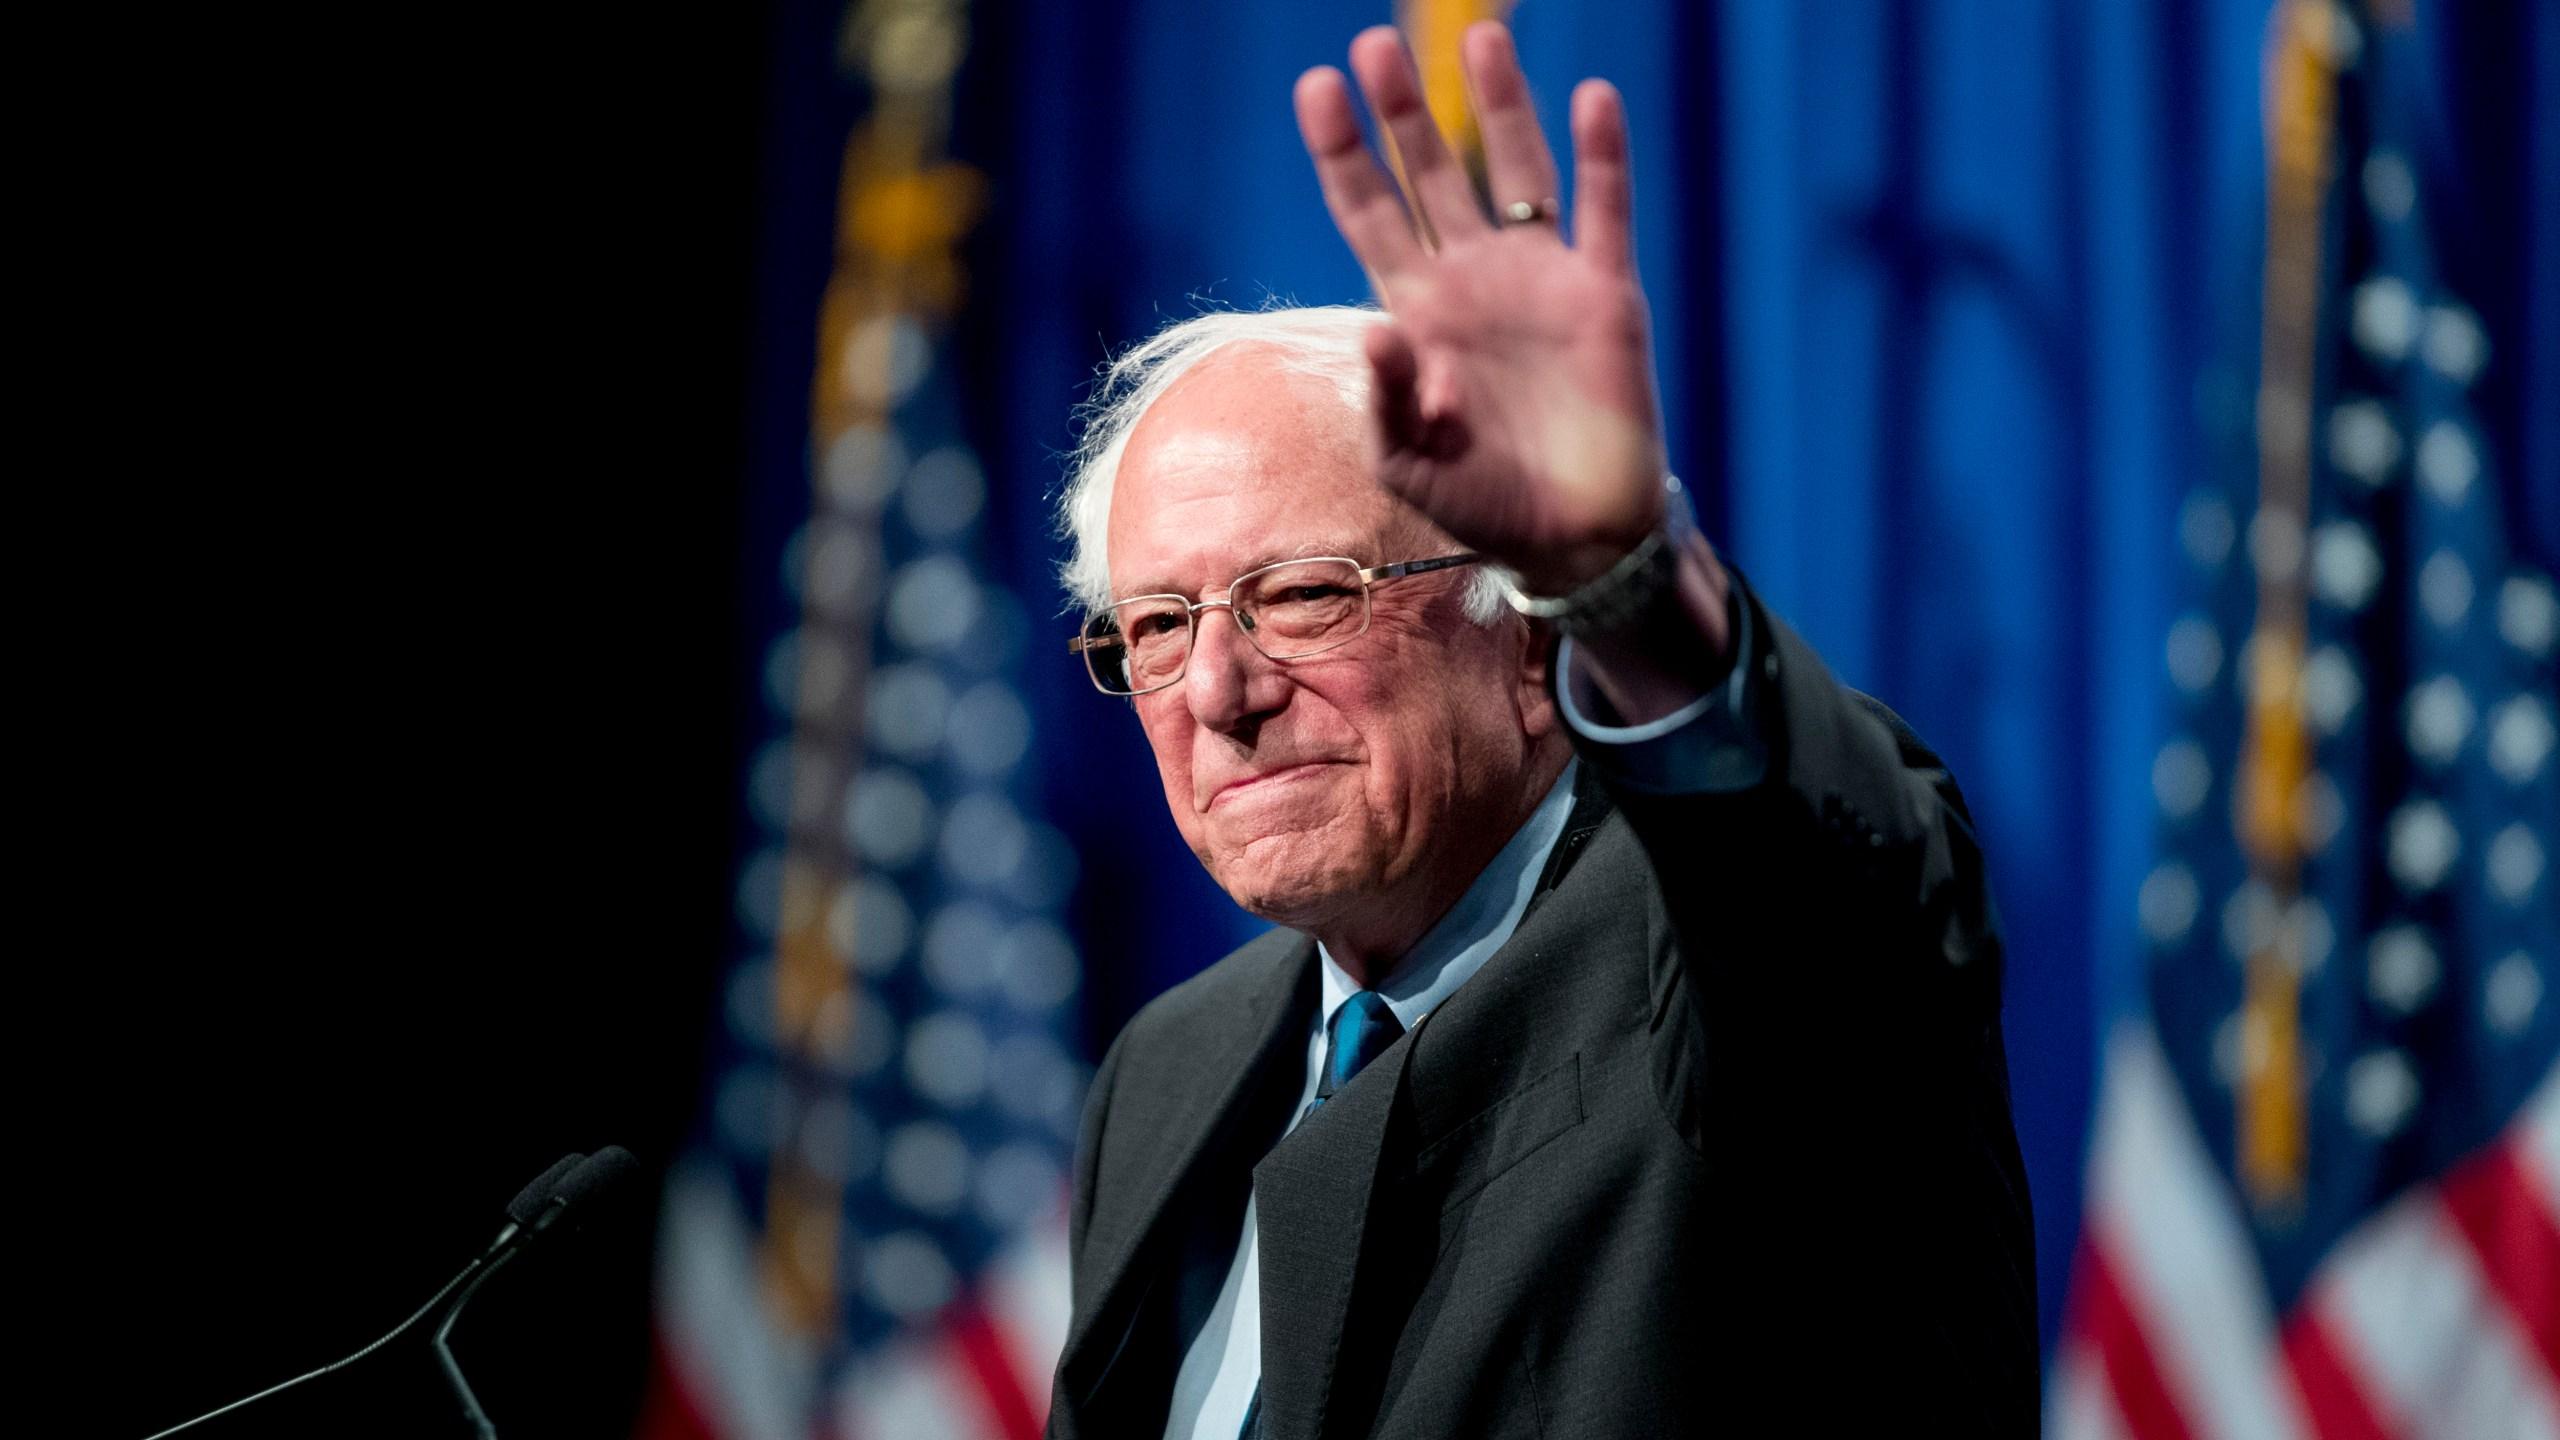 Election_2020_Bernie_Sanders_52530-159532.jpg42834582